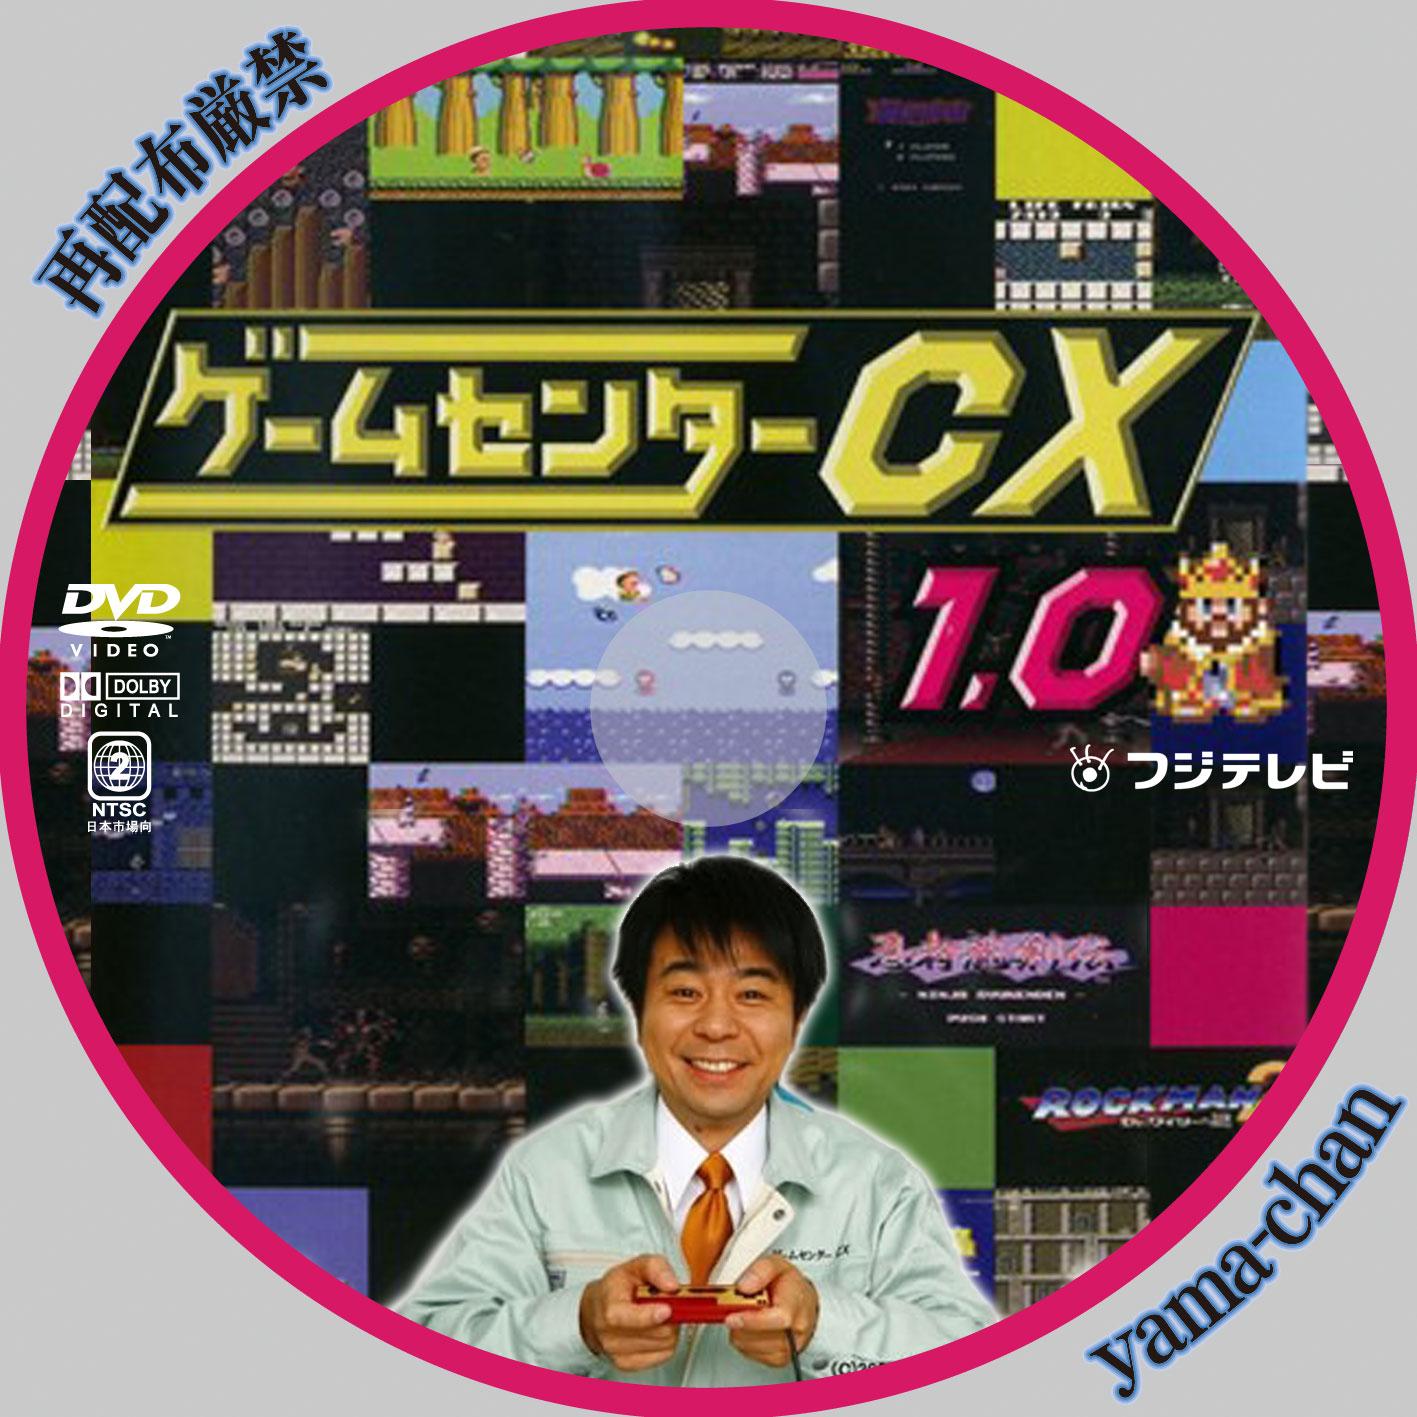 ゲーム センター cx 286